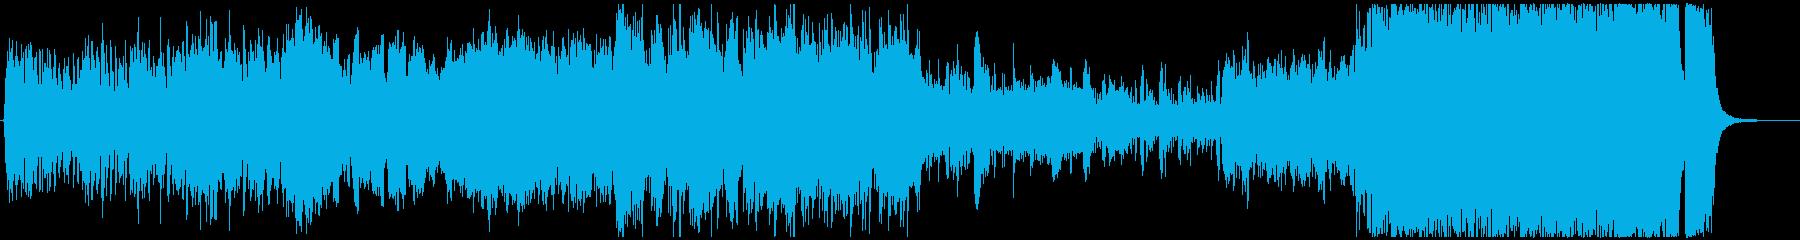 オーケストラ-希望-壮大な序奏の再生済みの波形